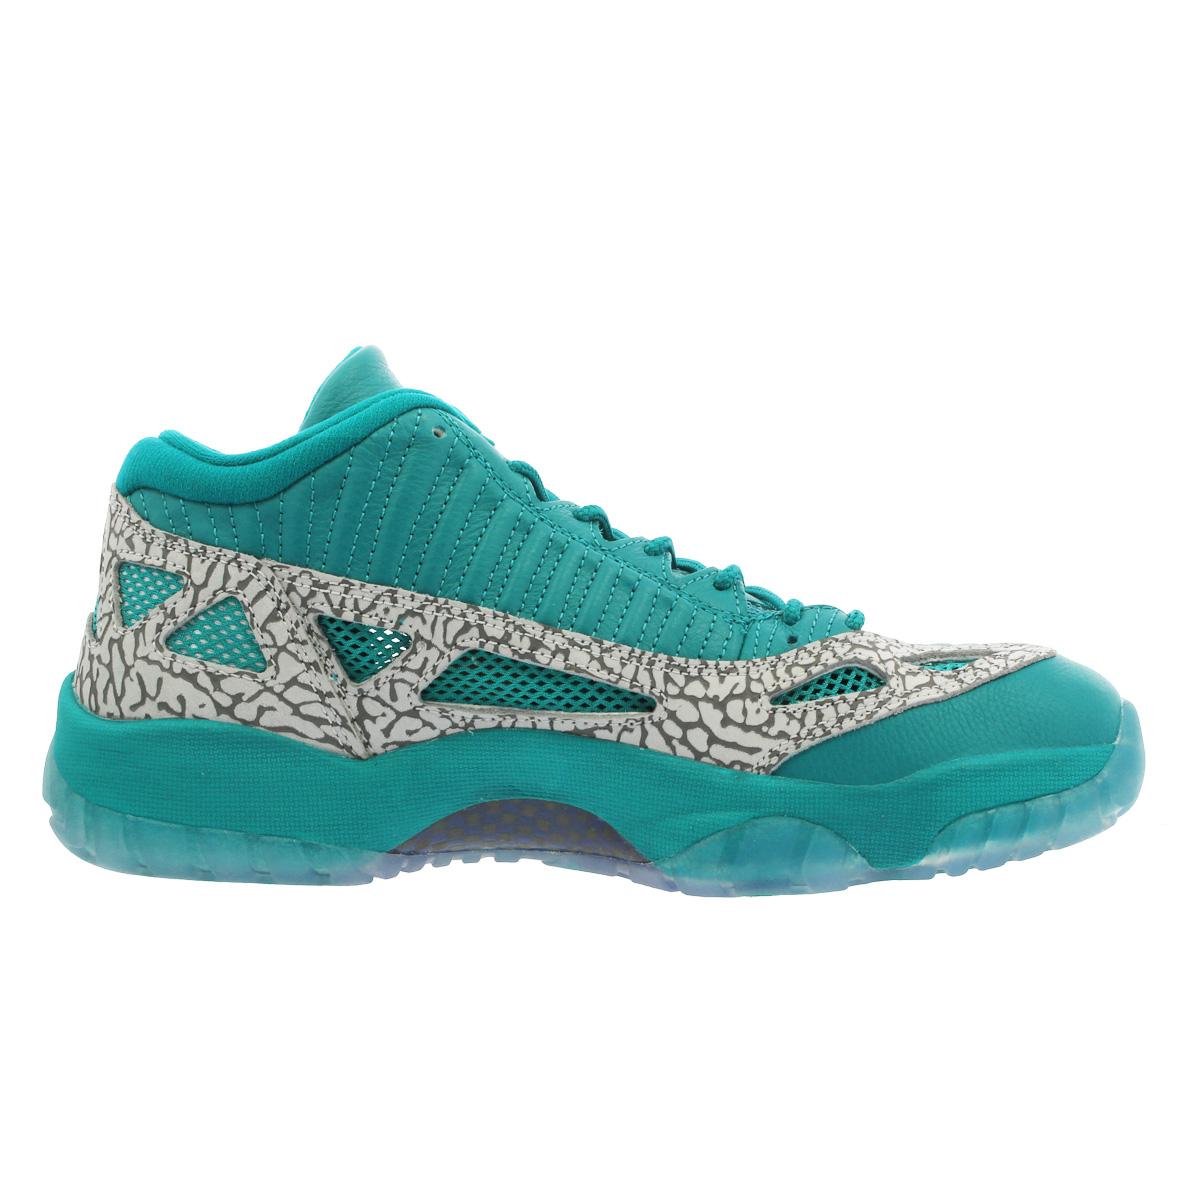 bd3fb3cabc7d8c NIKE AIR JORDAN 11 RETRO LOW IE Nike Air Jordan 11 nostalgic low RIO TEAL CEMENT  GREY 919